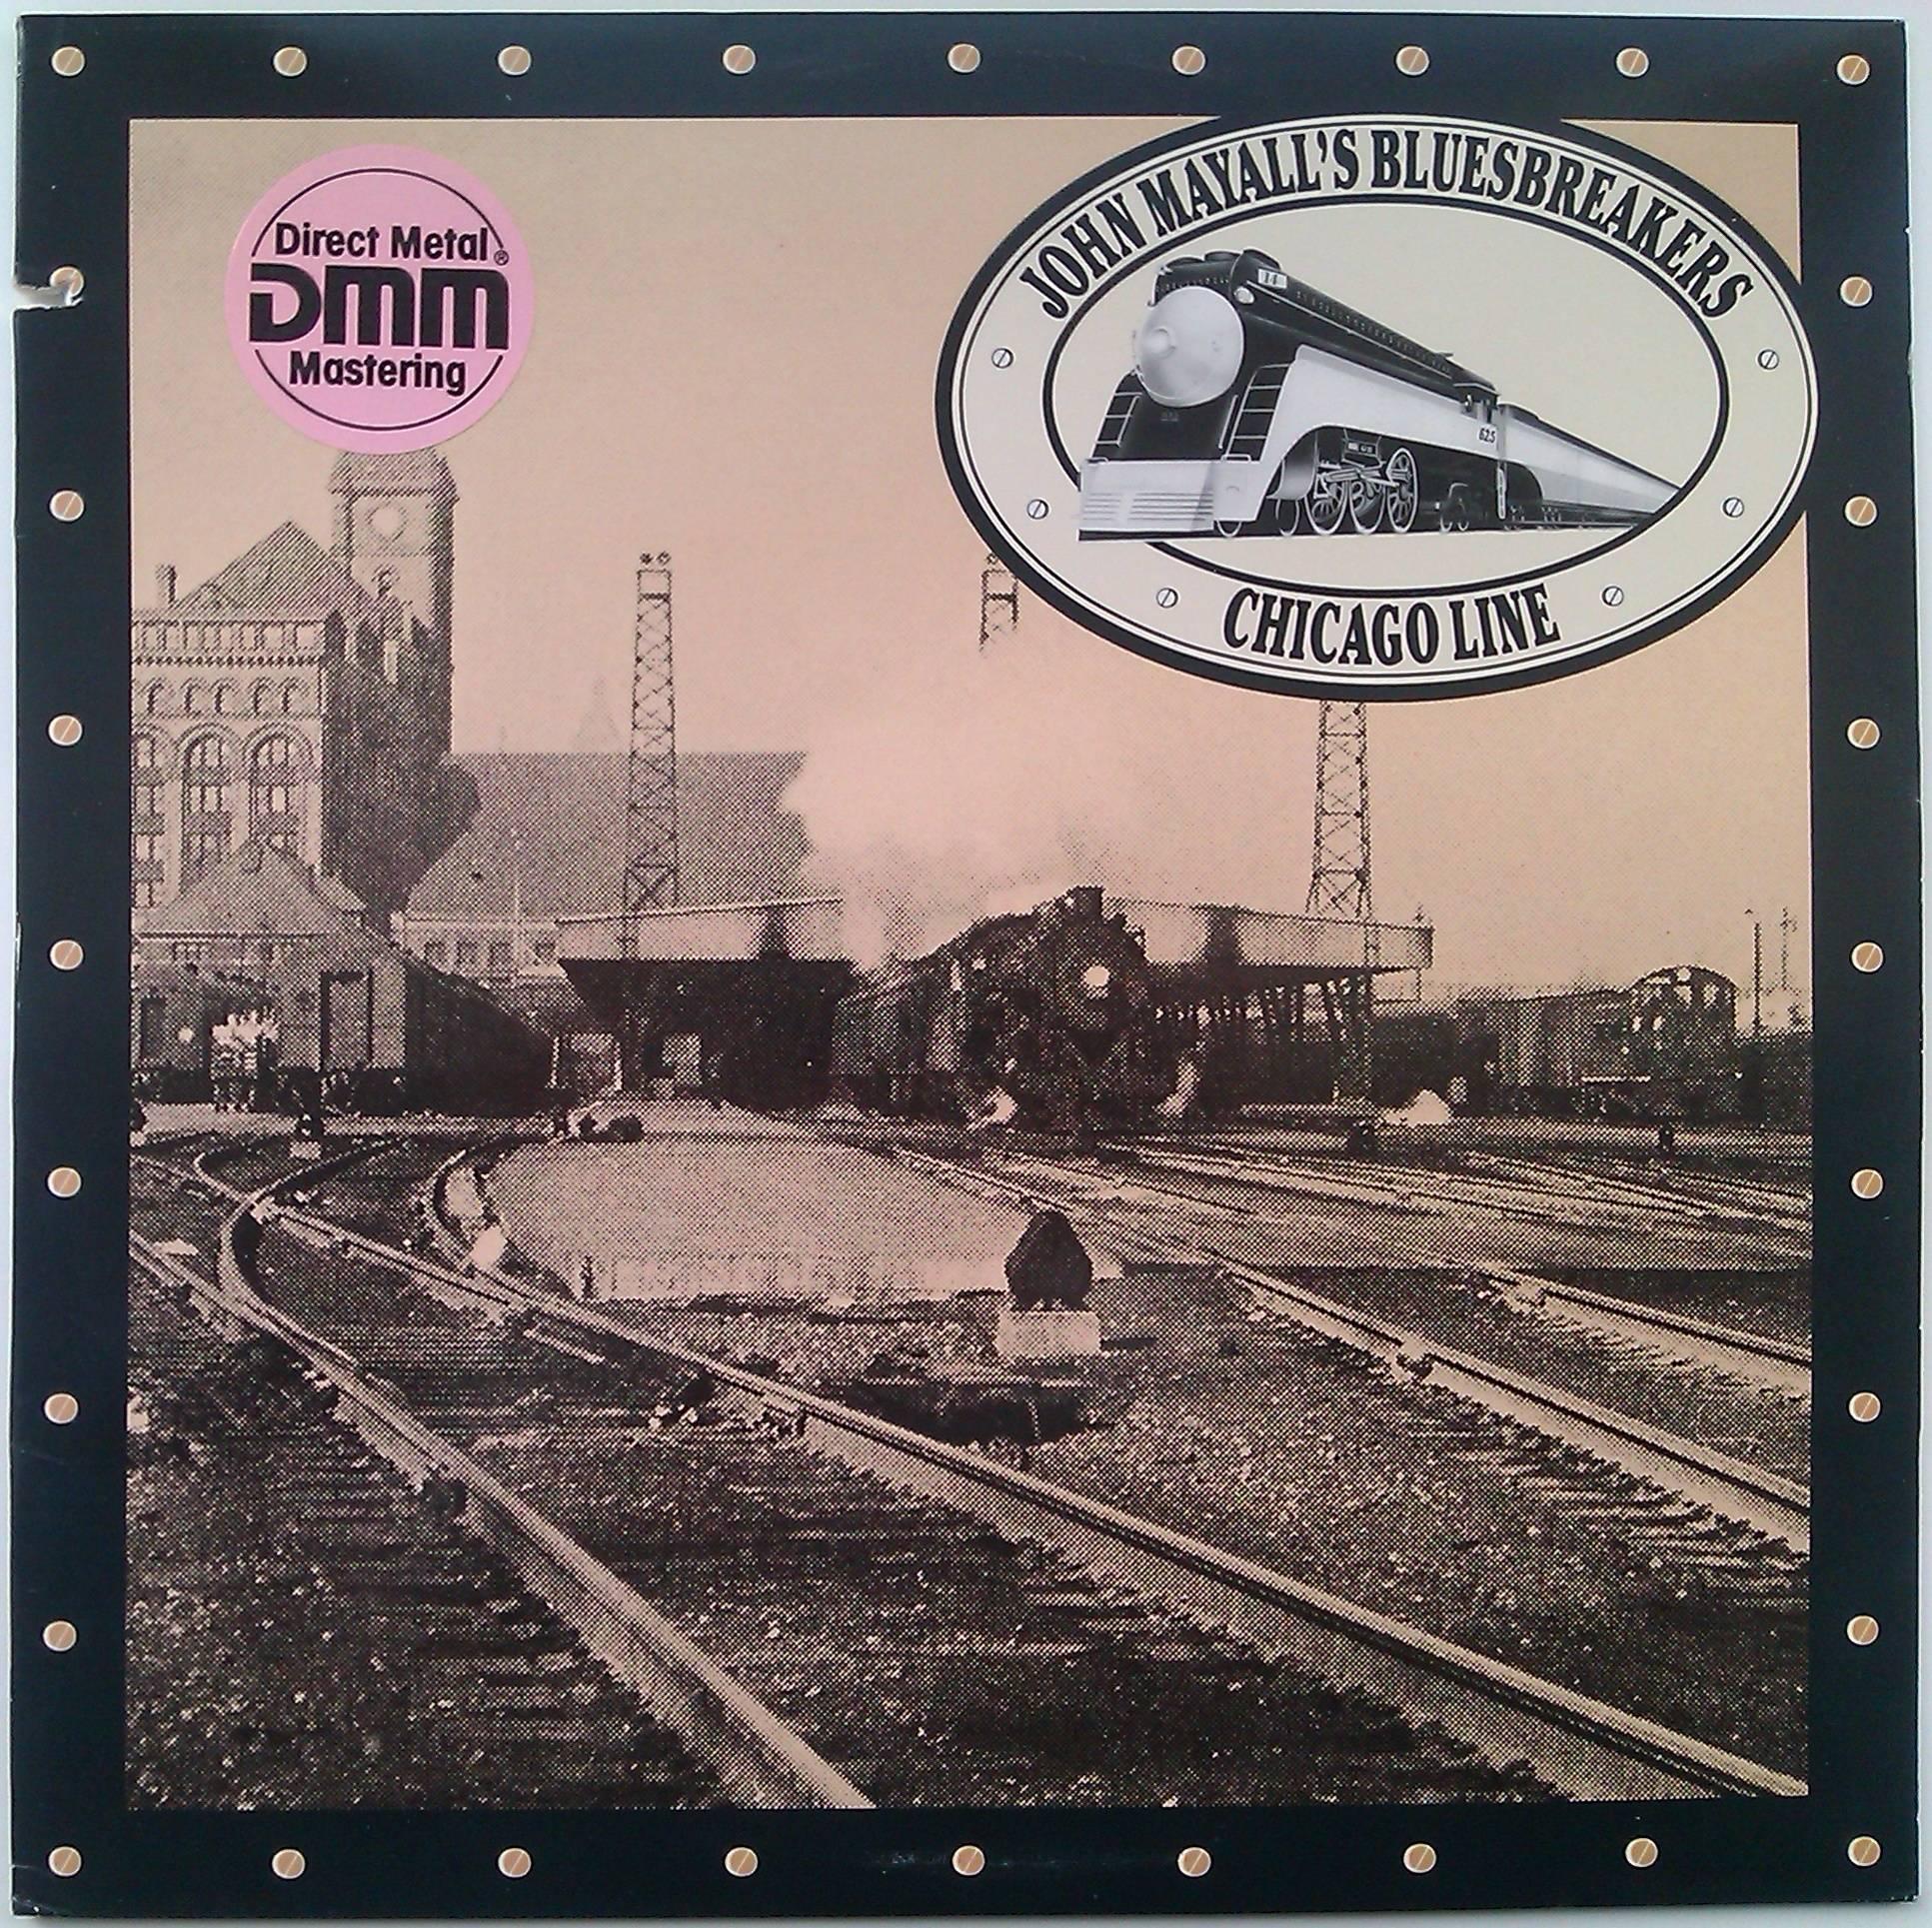 John Mayall - Chicago Line YERAYCITO MASTER SERIES X